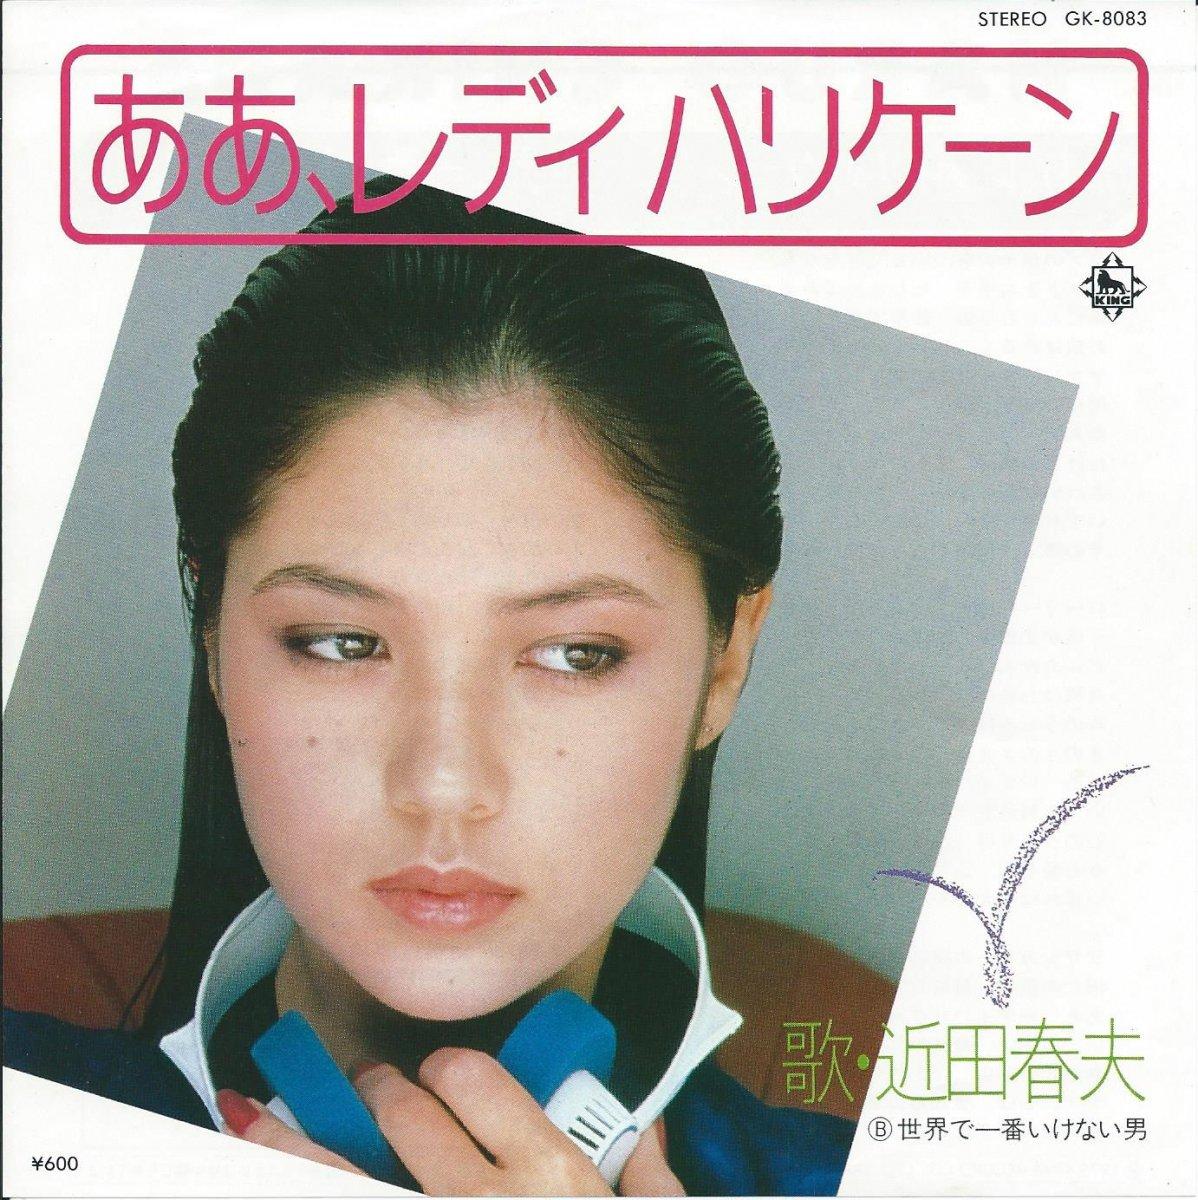 近田春夫 HARUO CHIKADA / ああ、レディハリケーン / 世界で一番いけない男 (7